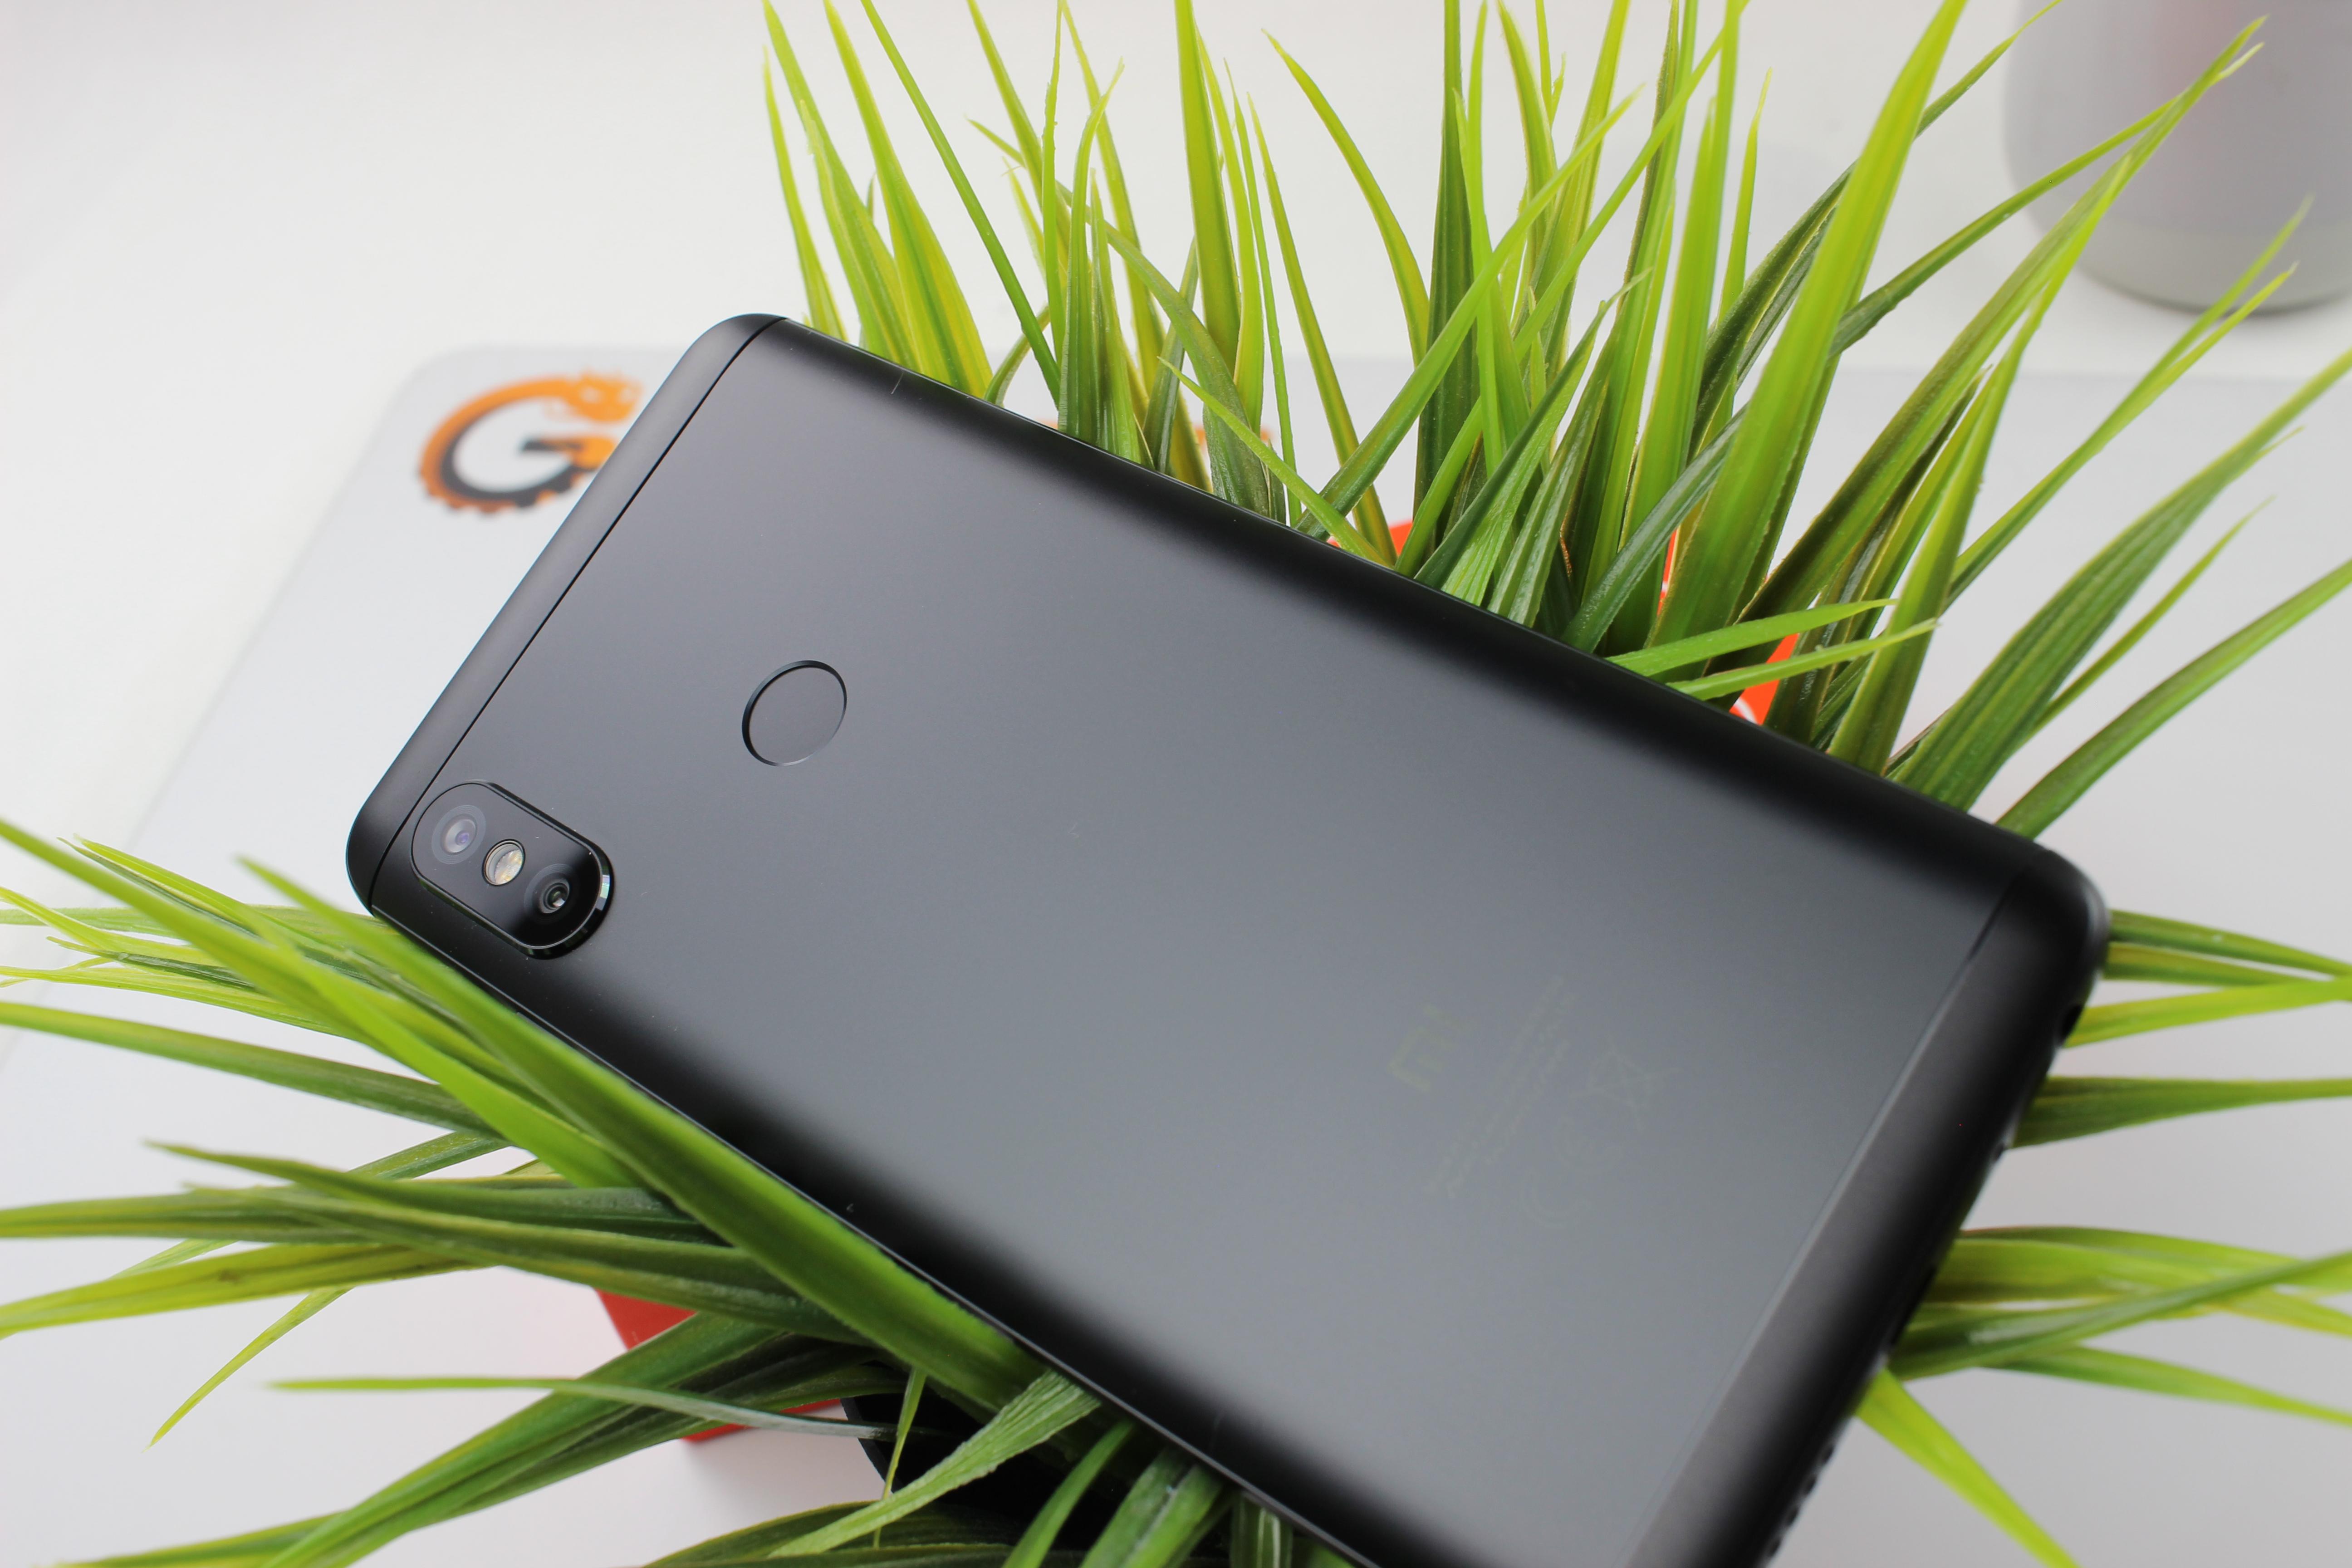 Xiaomi Redmi Note 5 Test Der Knig Mittelklasse Ist Zurck Smartphone Red Mi Note4 Ram 3gb Emmc 64gb Dual Sim 4g Design